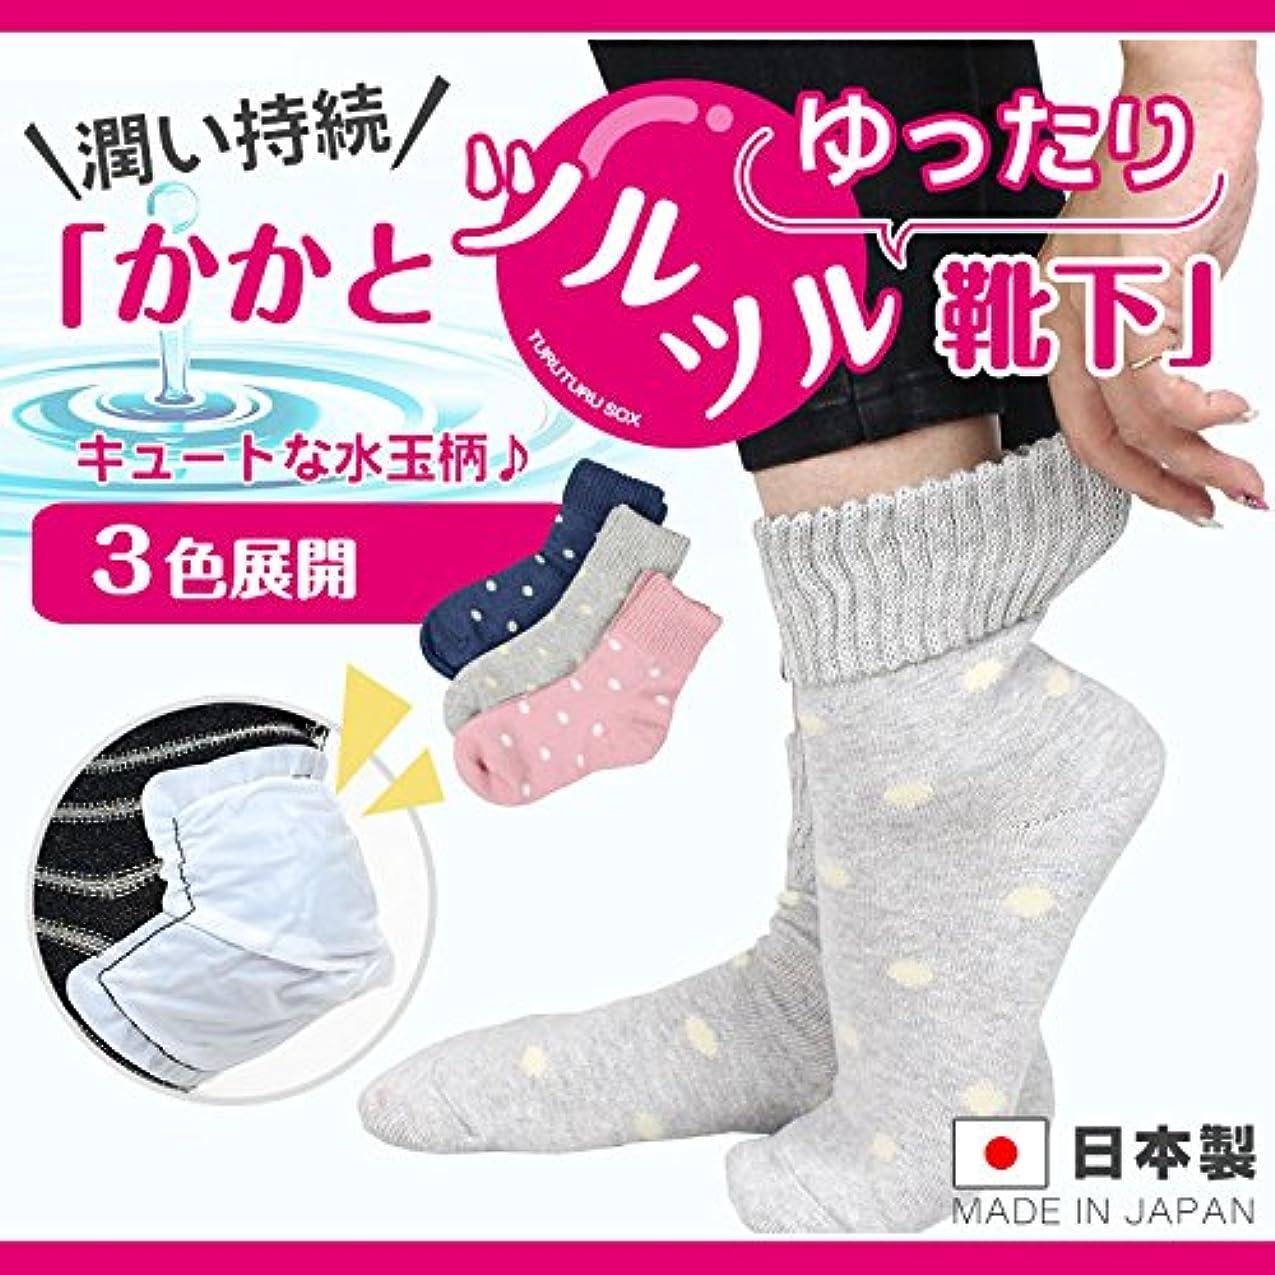 酸化するスリップキウイかかと ツルツル 靴下 薄手 ゆったり 水玉柄 かかと 角質 ケア ひび割れ 対策 23-25cm 太陽ニット592 (グレー)